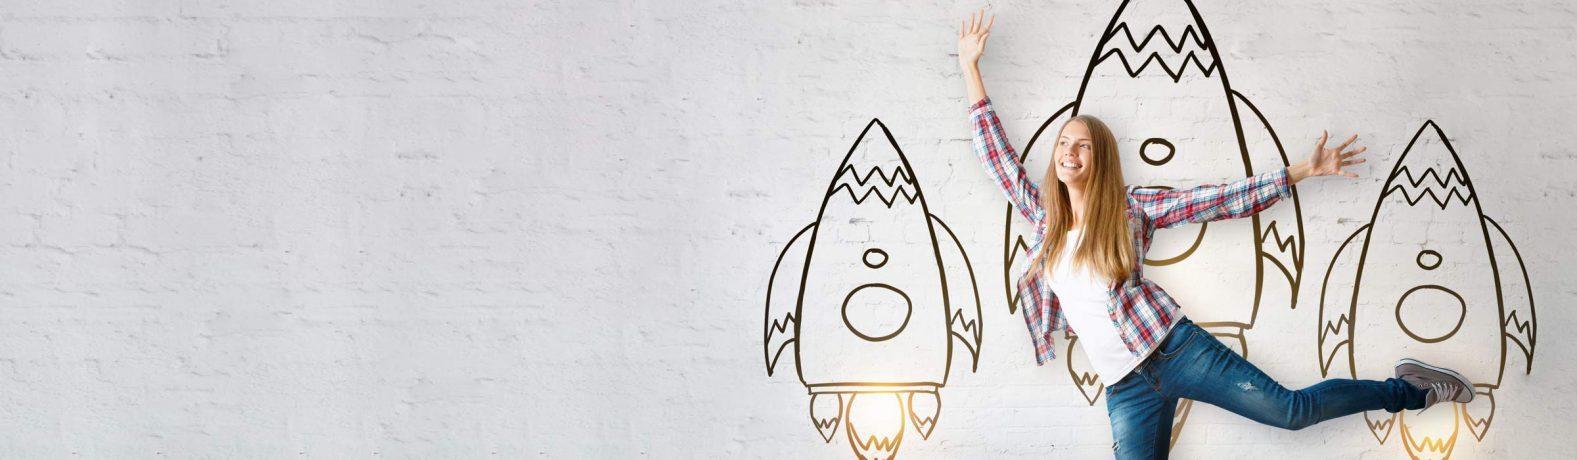 Frau vor einer Wand mit drei Raketen